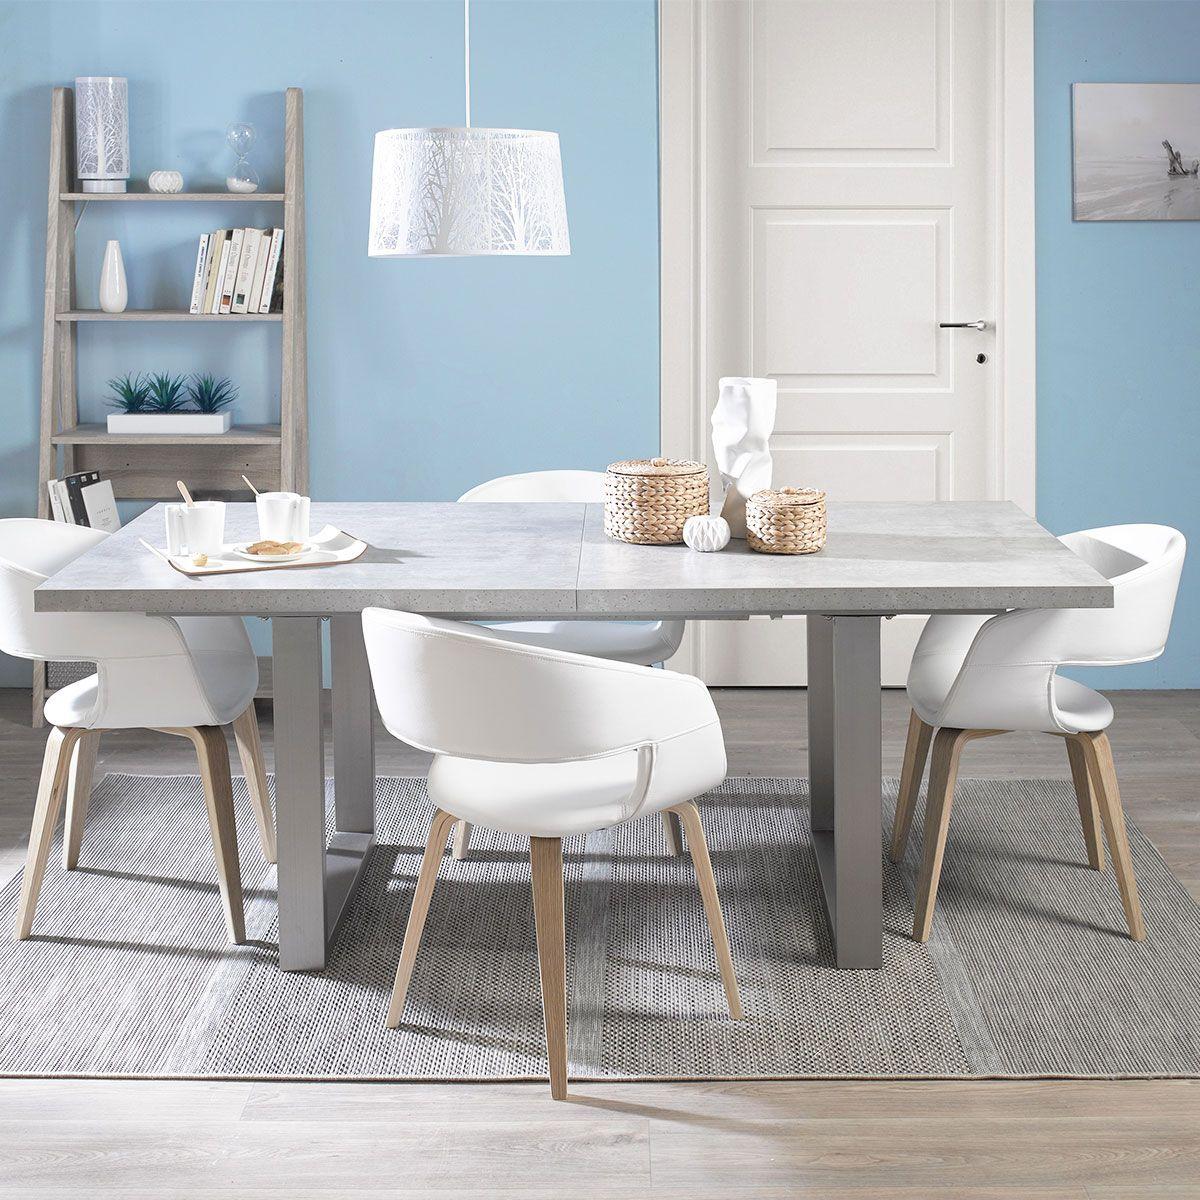 Table Rectangle Avec Allonges Connor Gris Huis Interieur Interieur Huis